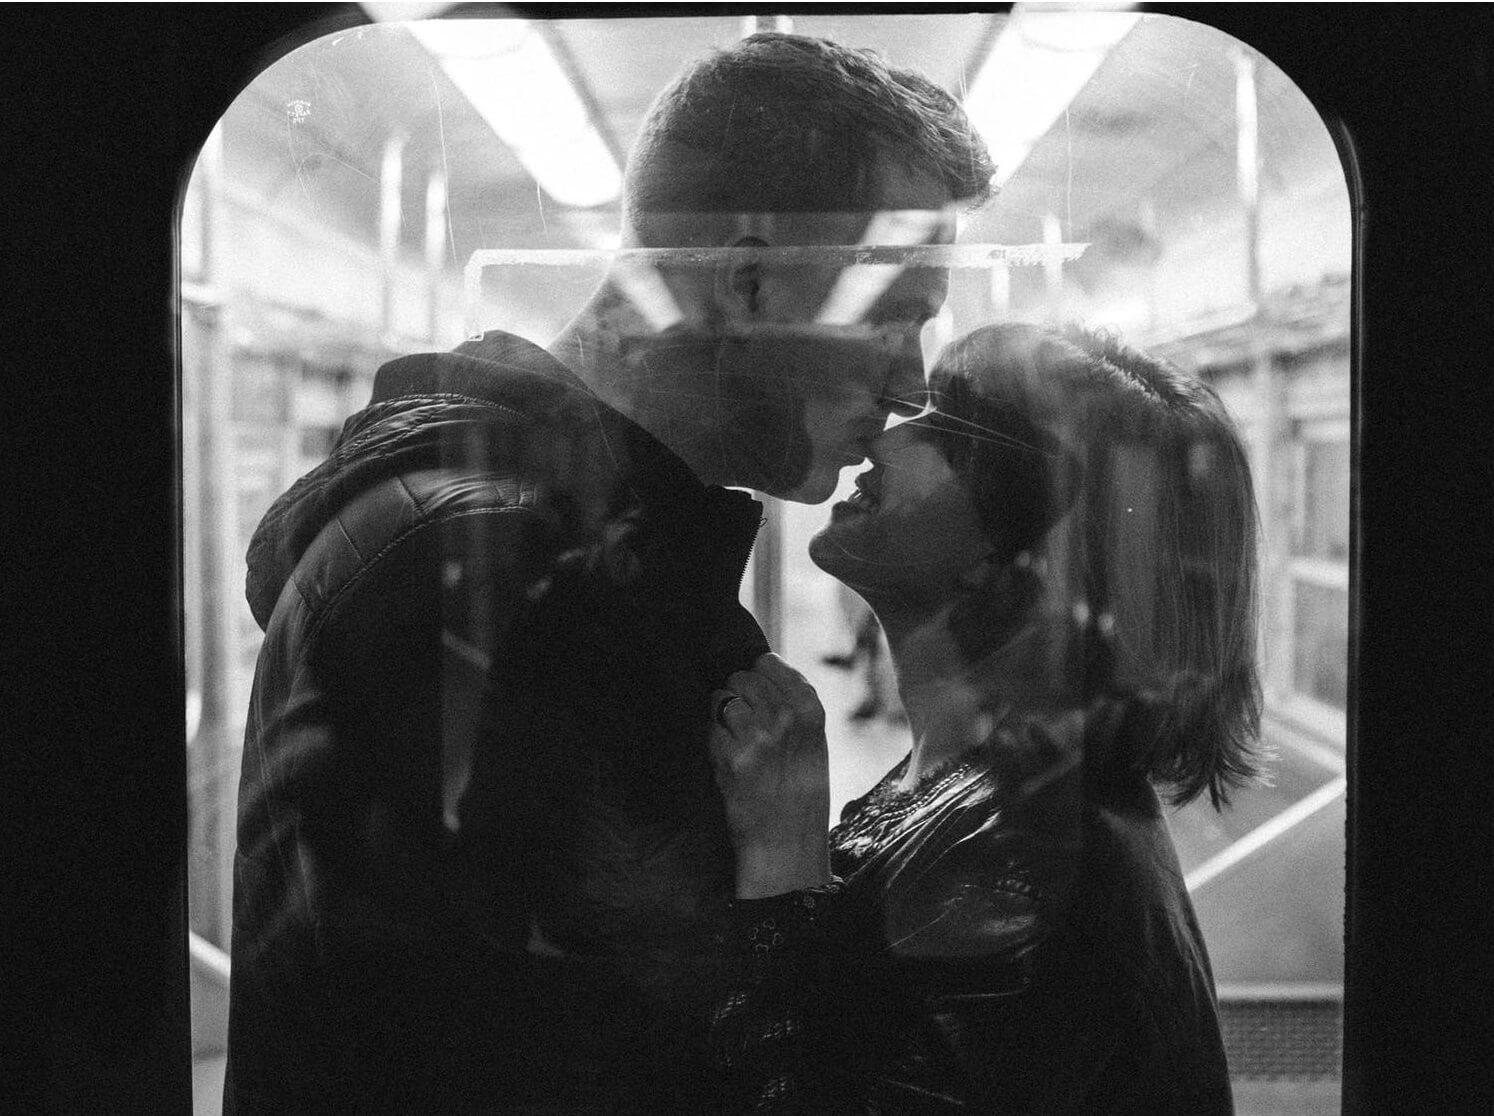 Ljubav za koju prosiš – nije ljubav